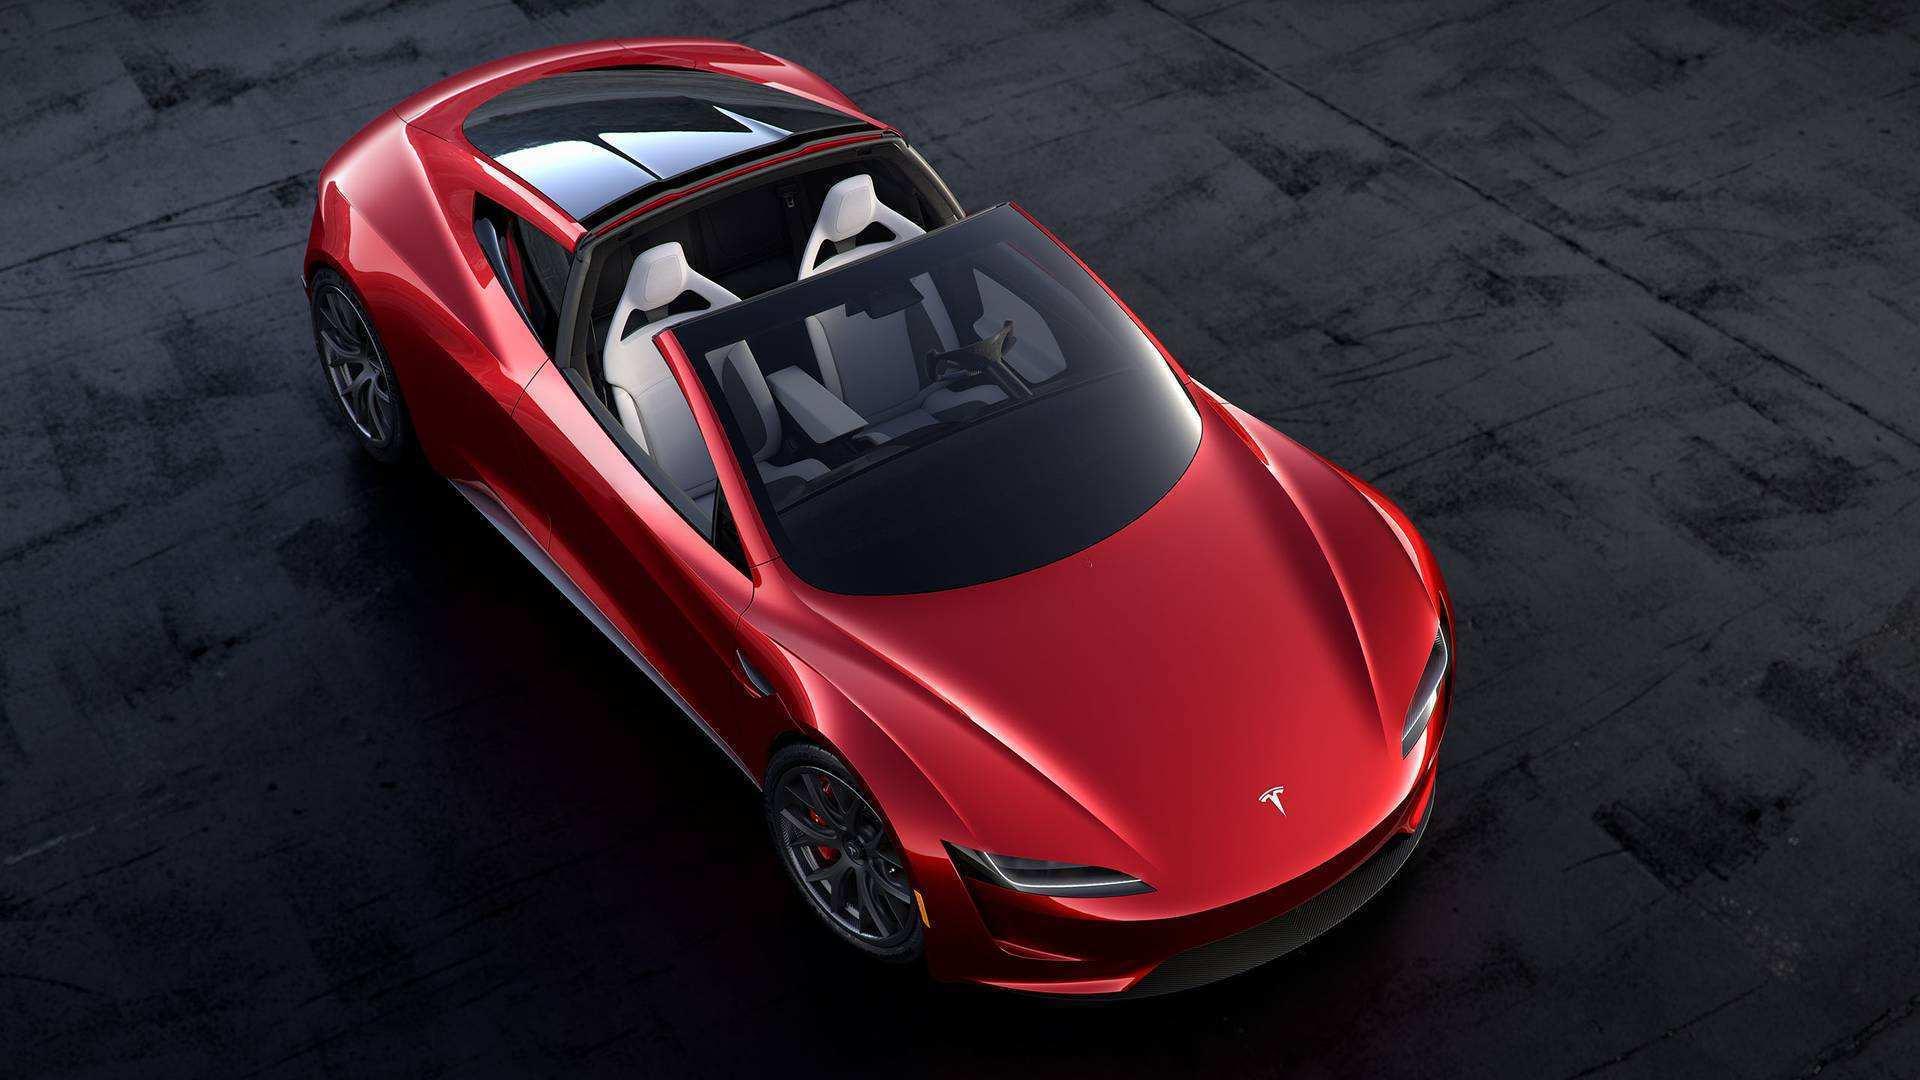 87 Best Review 2020 Tesla Roadster Quarter Mile Release Date for 2020 Tesla Roadster Quarter Mile